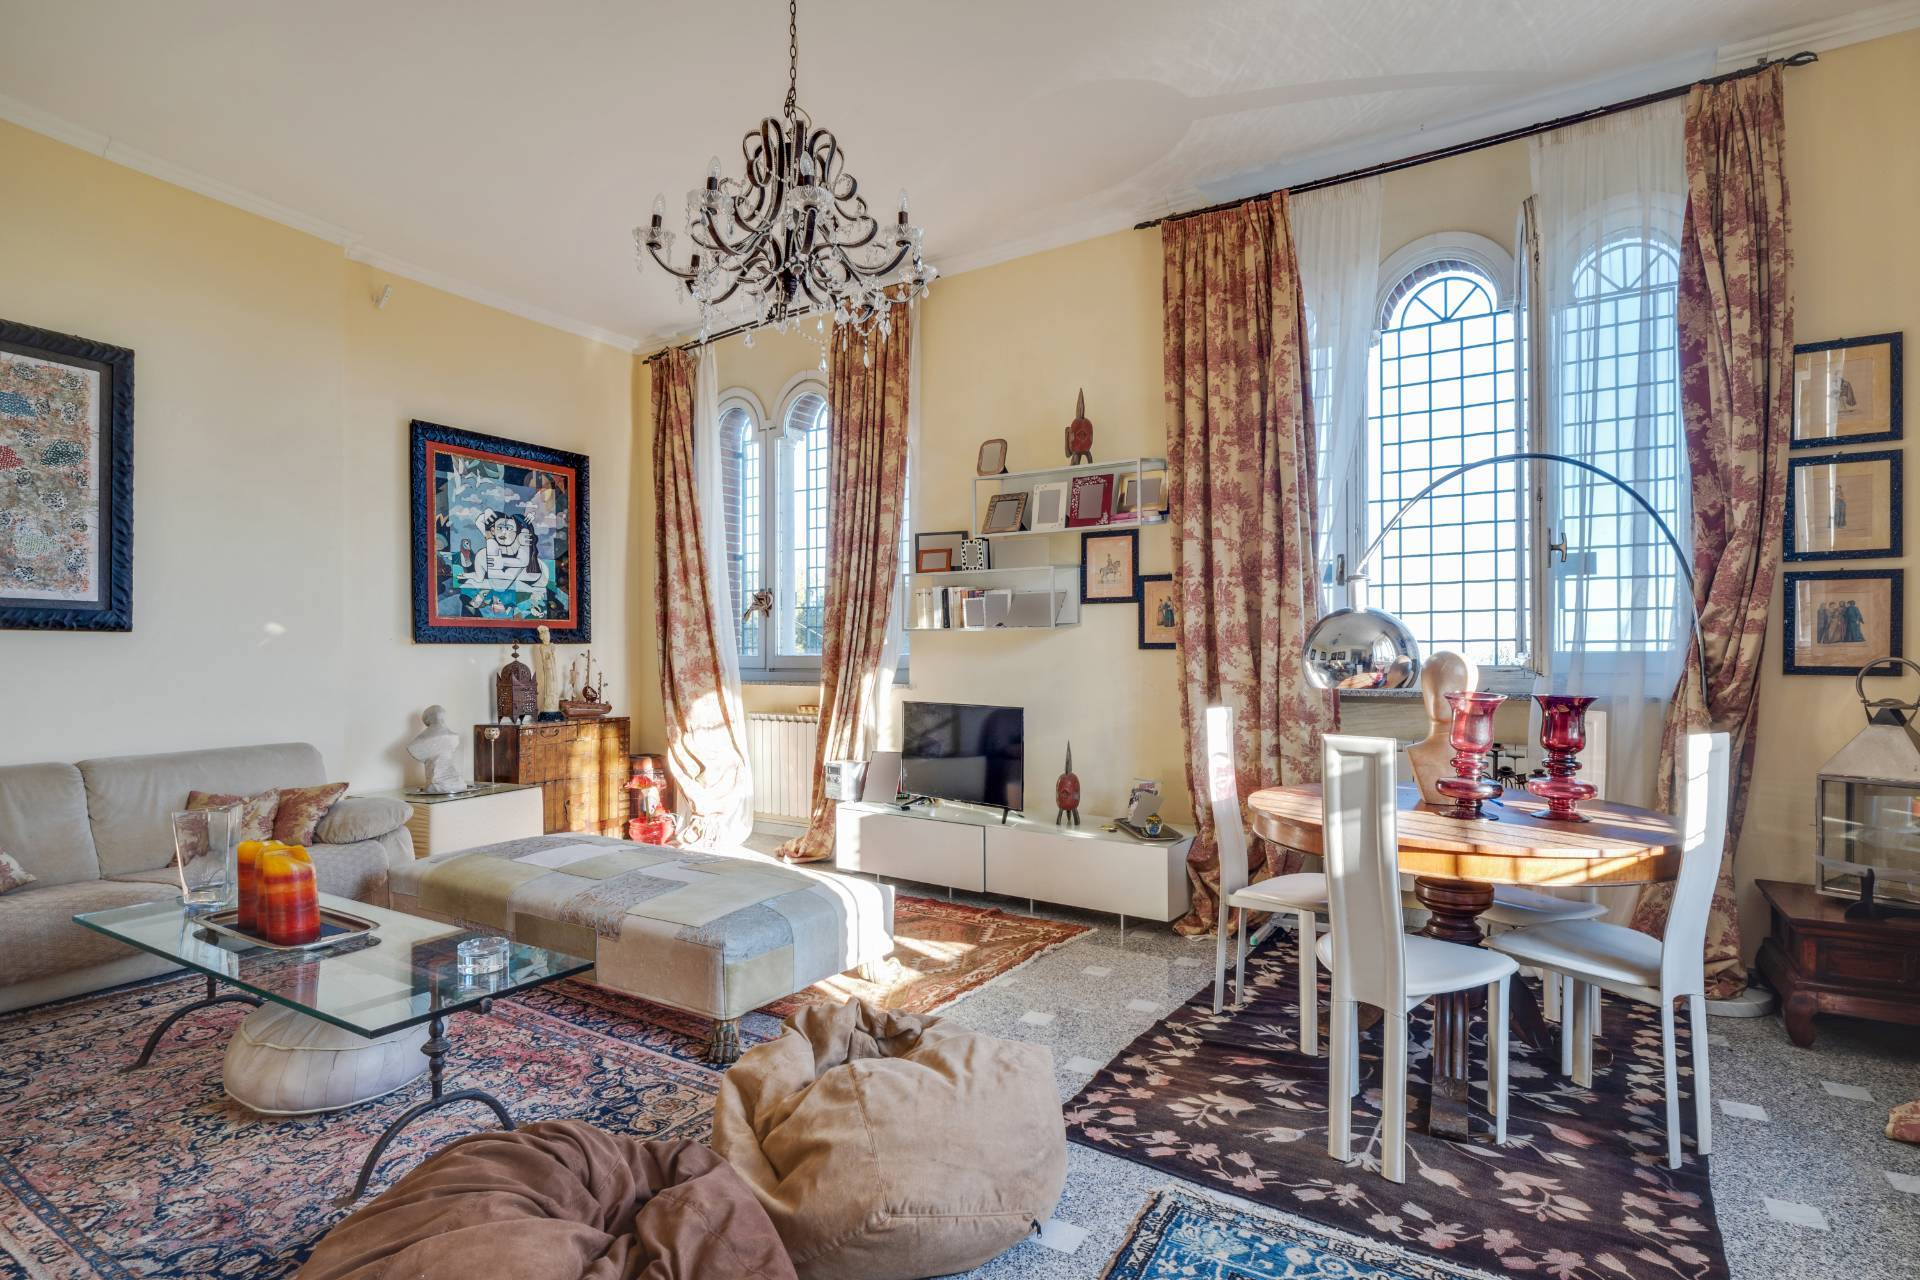 Villa in Vendita a Albenga: 5 locali, 218 mq - Foto 2